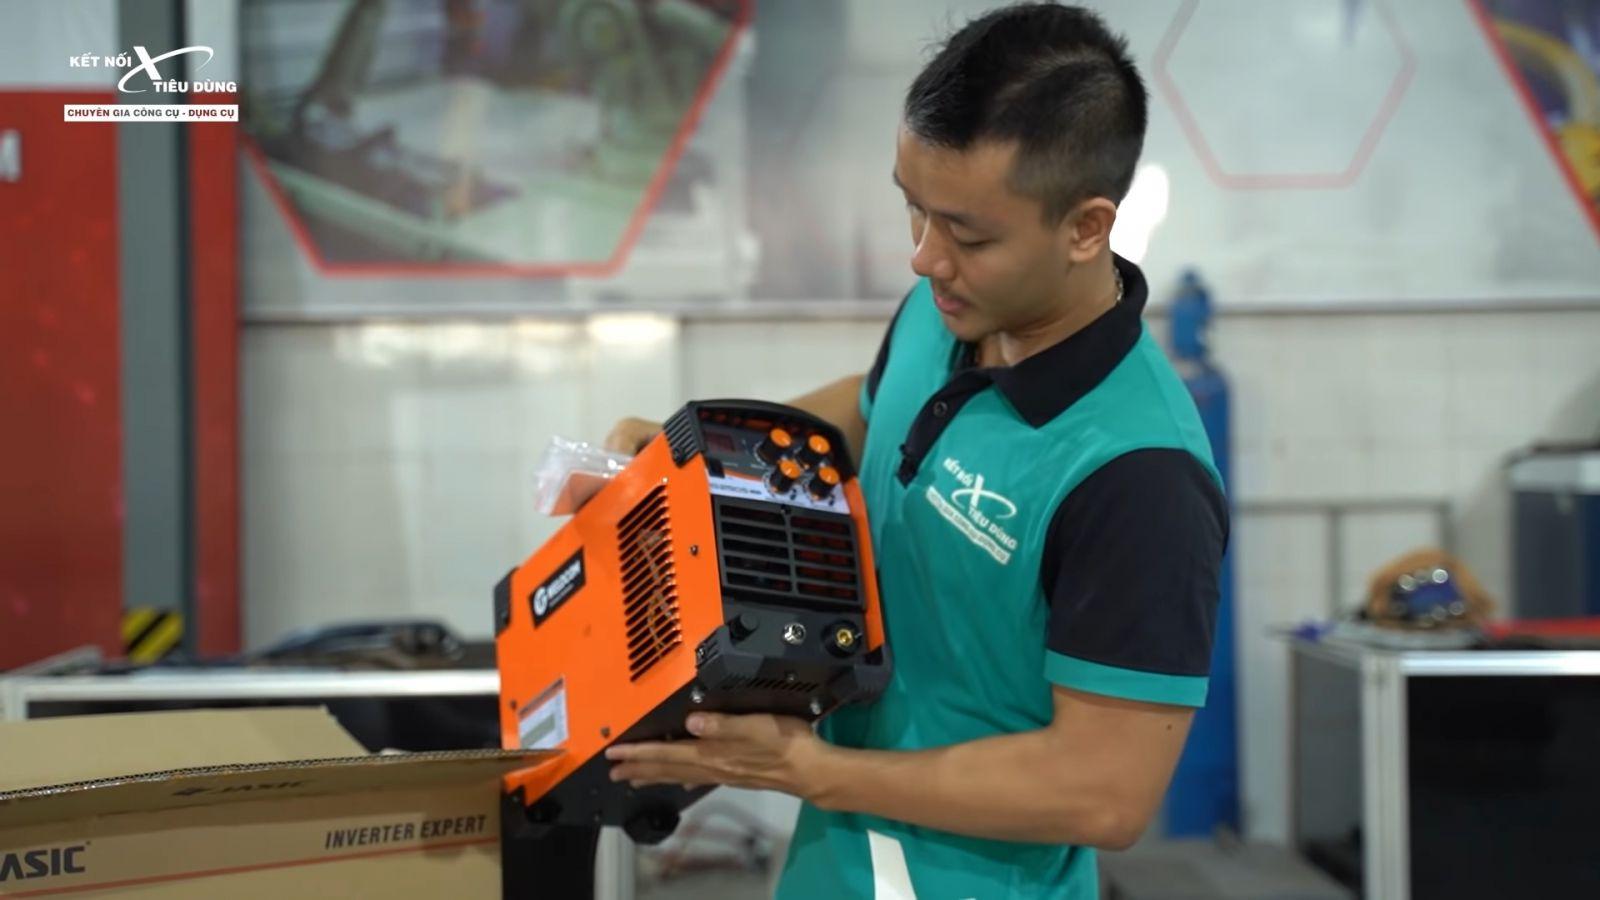 Review máy hàn Jasic TIG250S W228: nhỏ gọn, cao cấp, hàn Tig lạnh còn đẹp hơn hàn Tig thường - thương hiệu sản xuất máy hàn